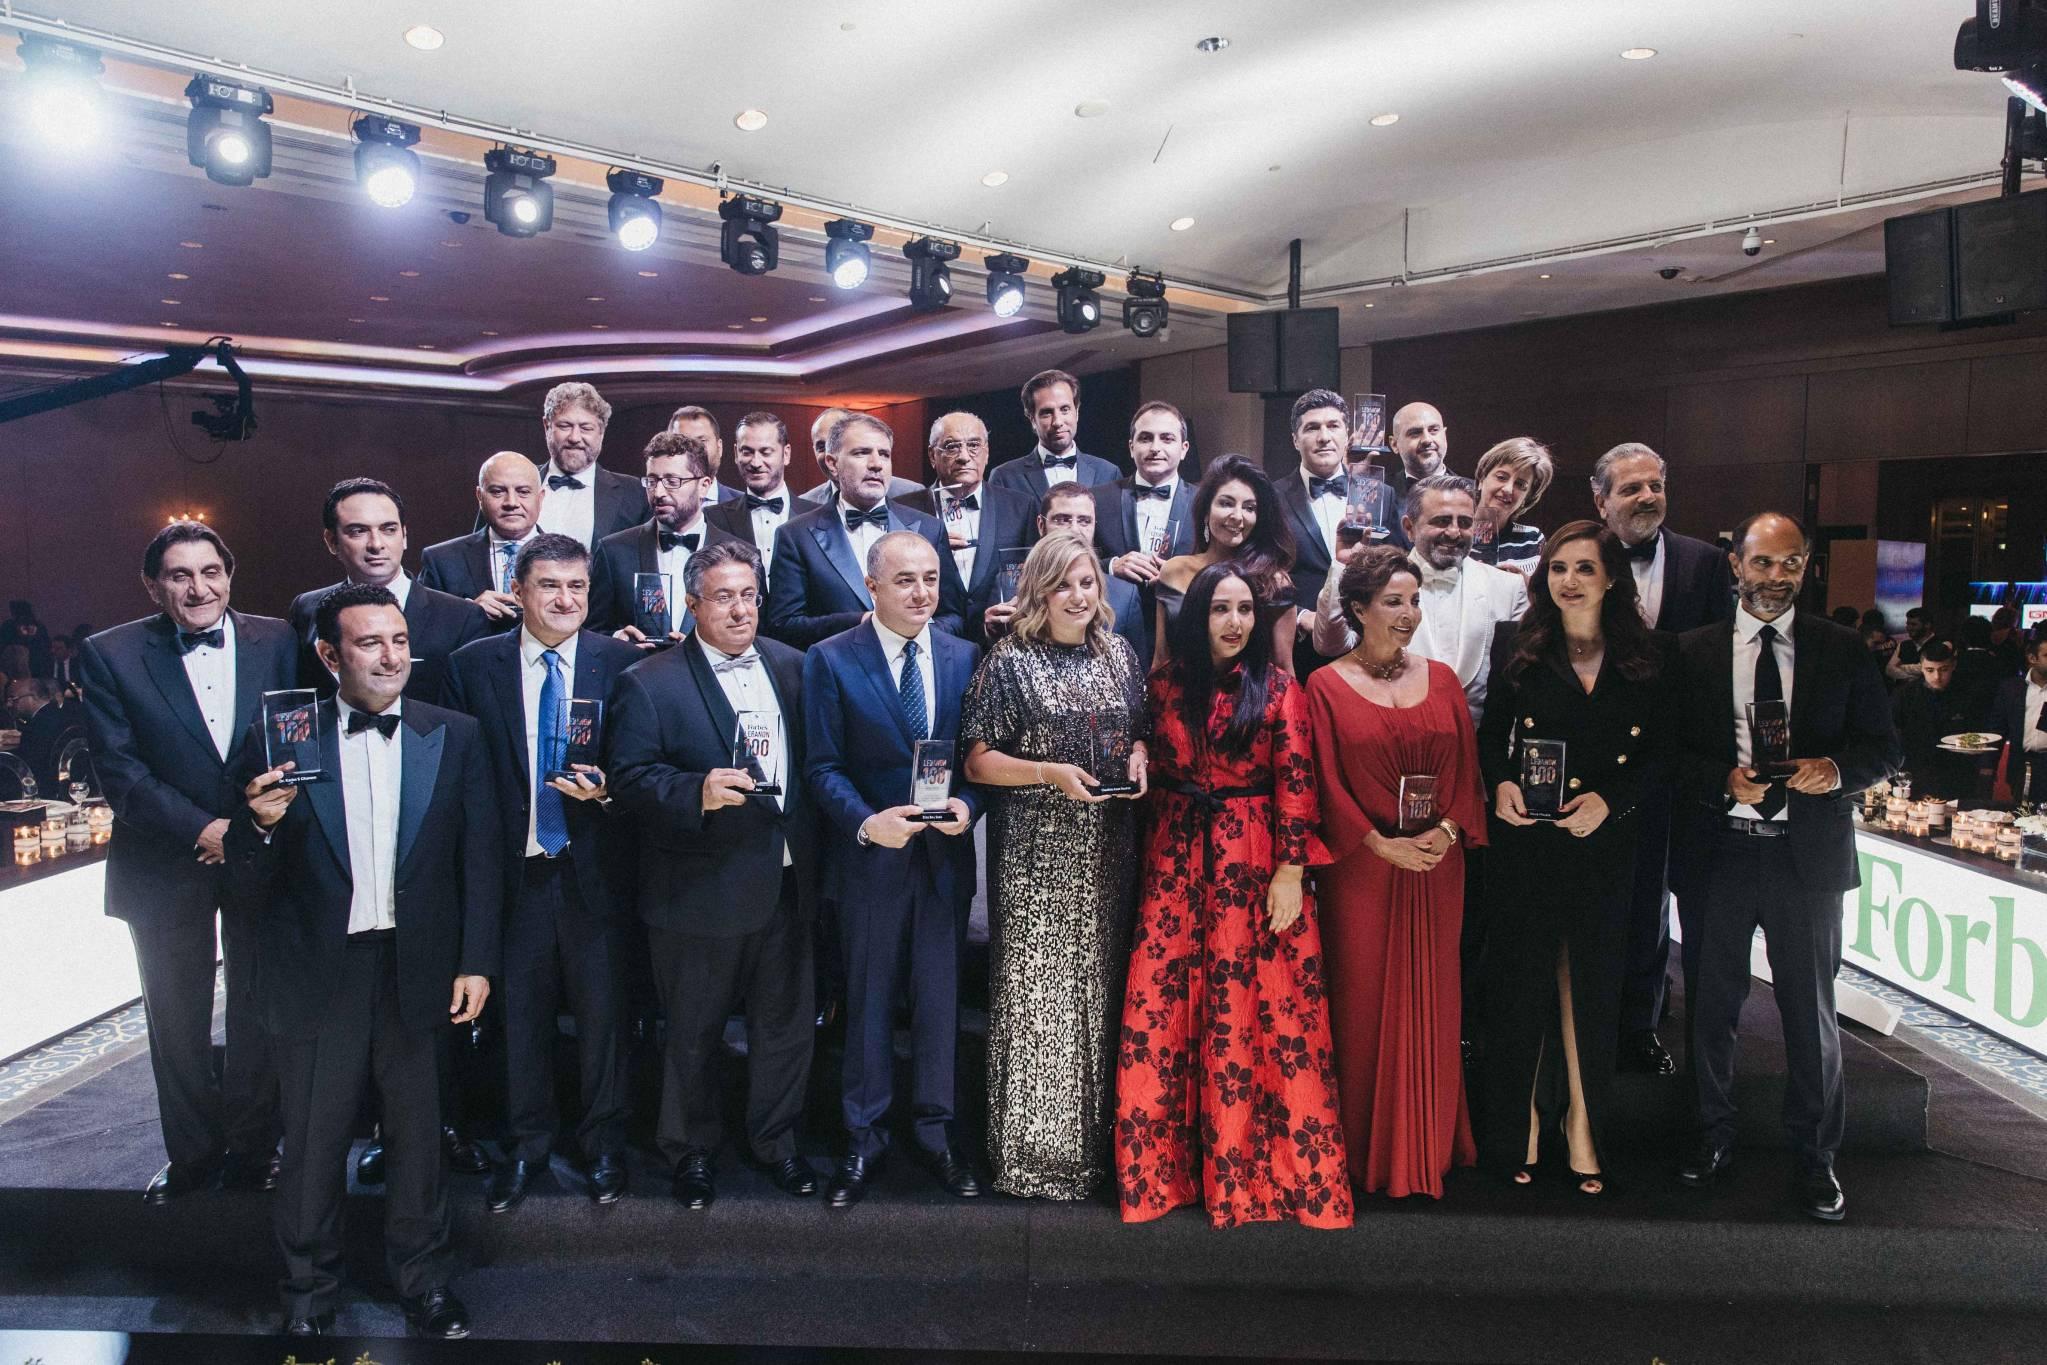 Les 35 Libanais les plus influents du monde des affaires, selon Forbes